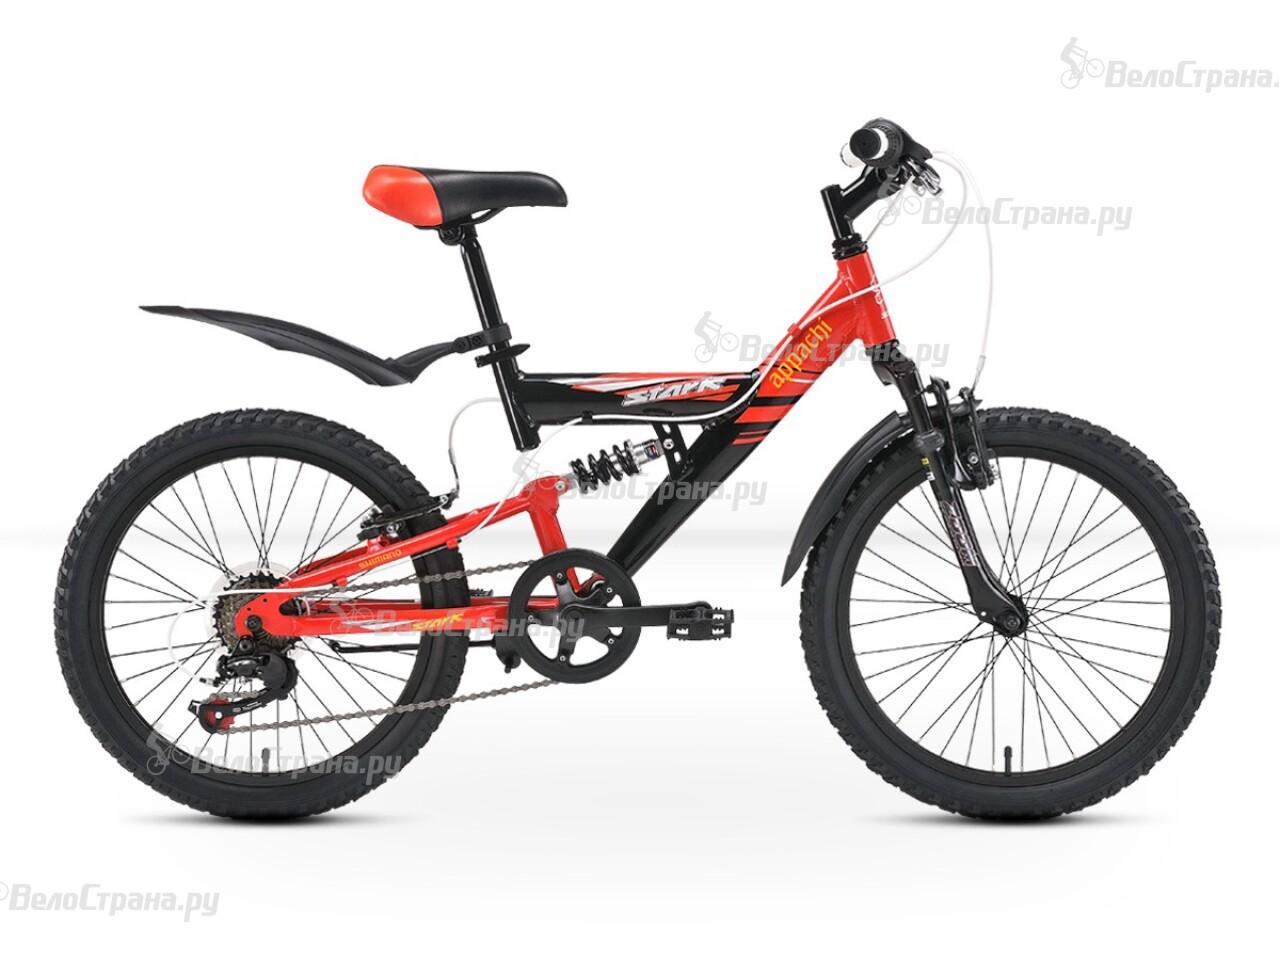 Велосипед Stark Appachi 20 (2014) велосипед stark gravity 20 2016